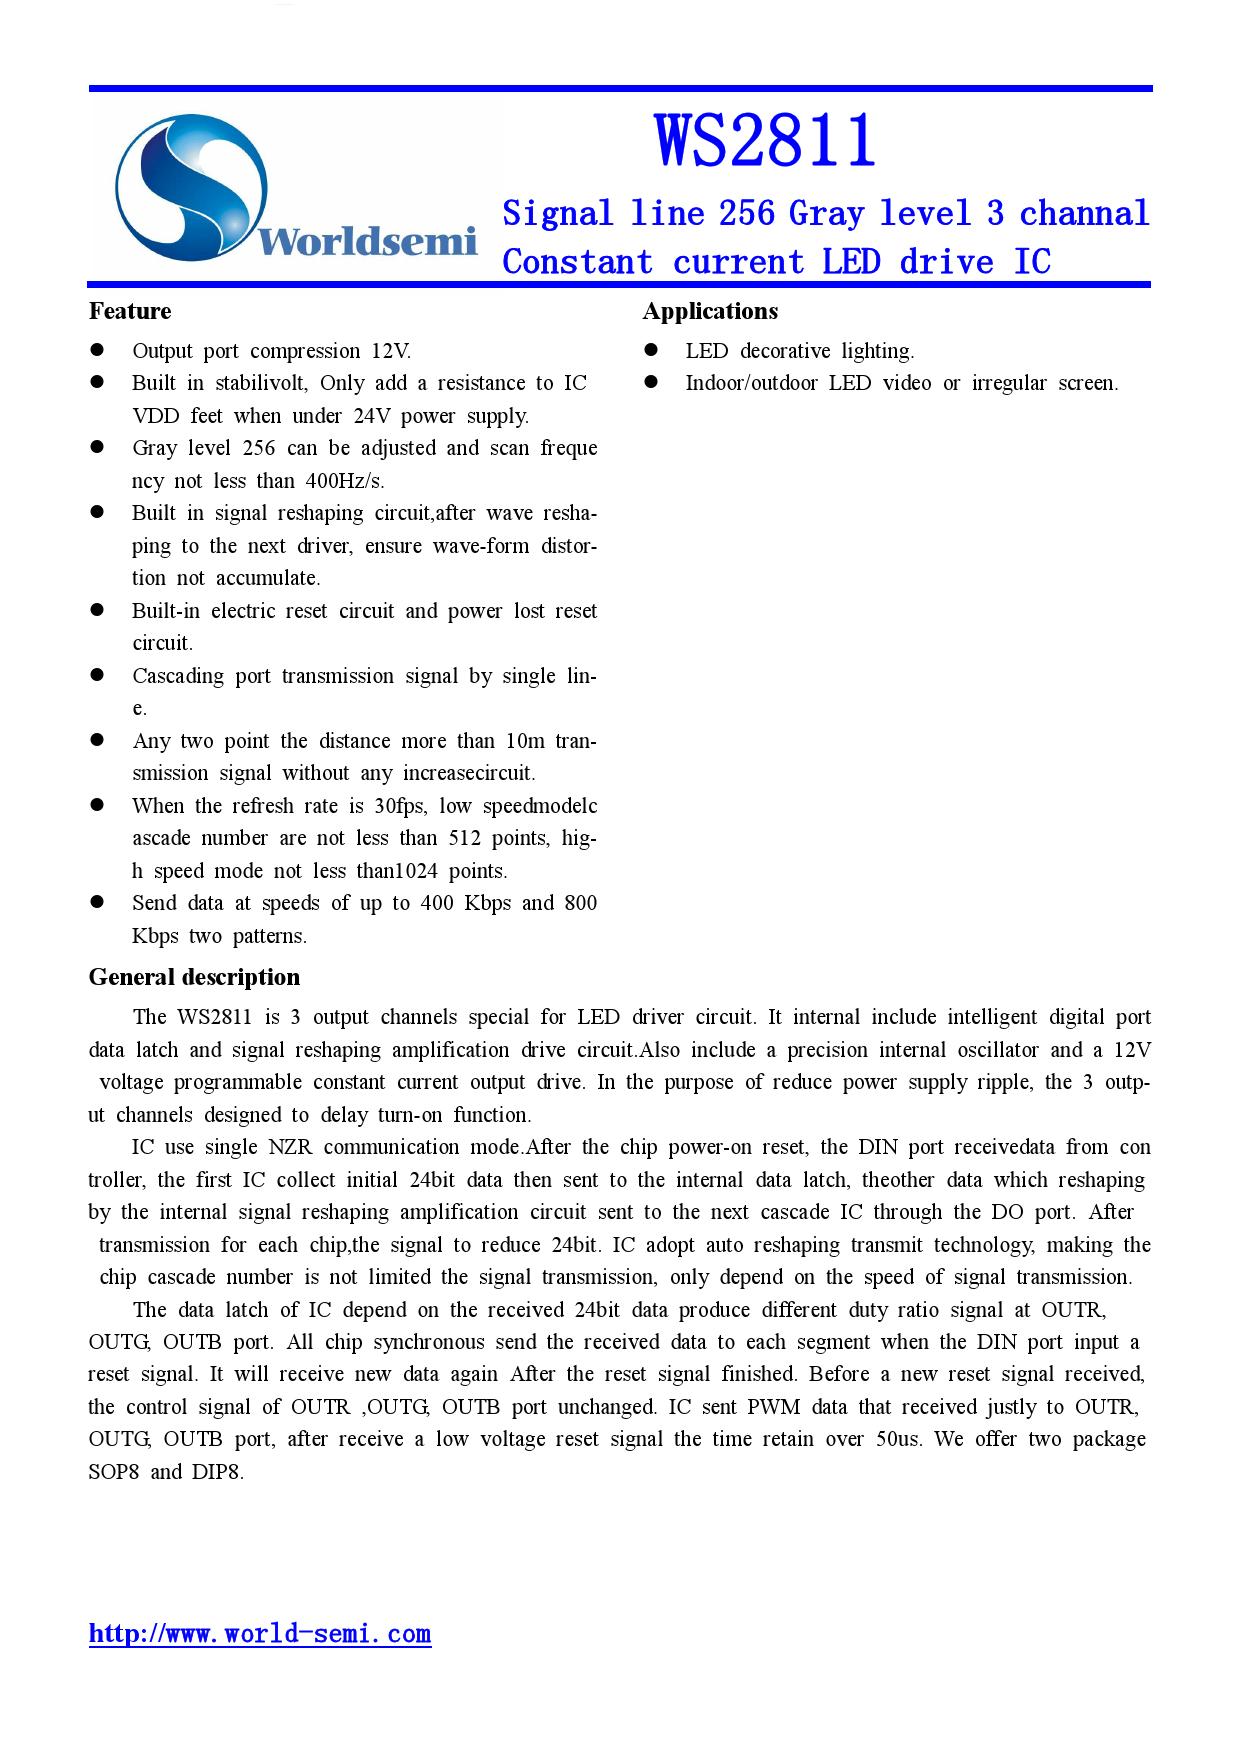 WS2811 datasheet pinout